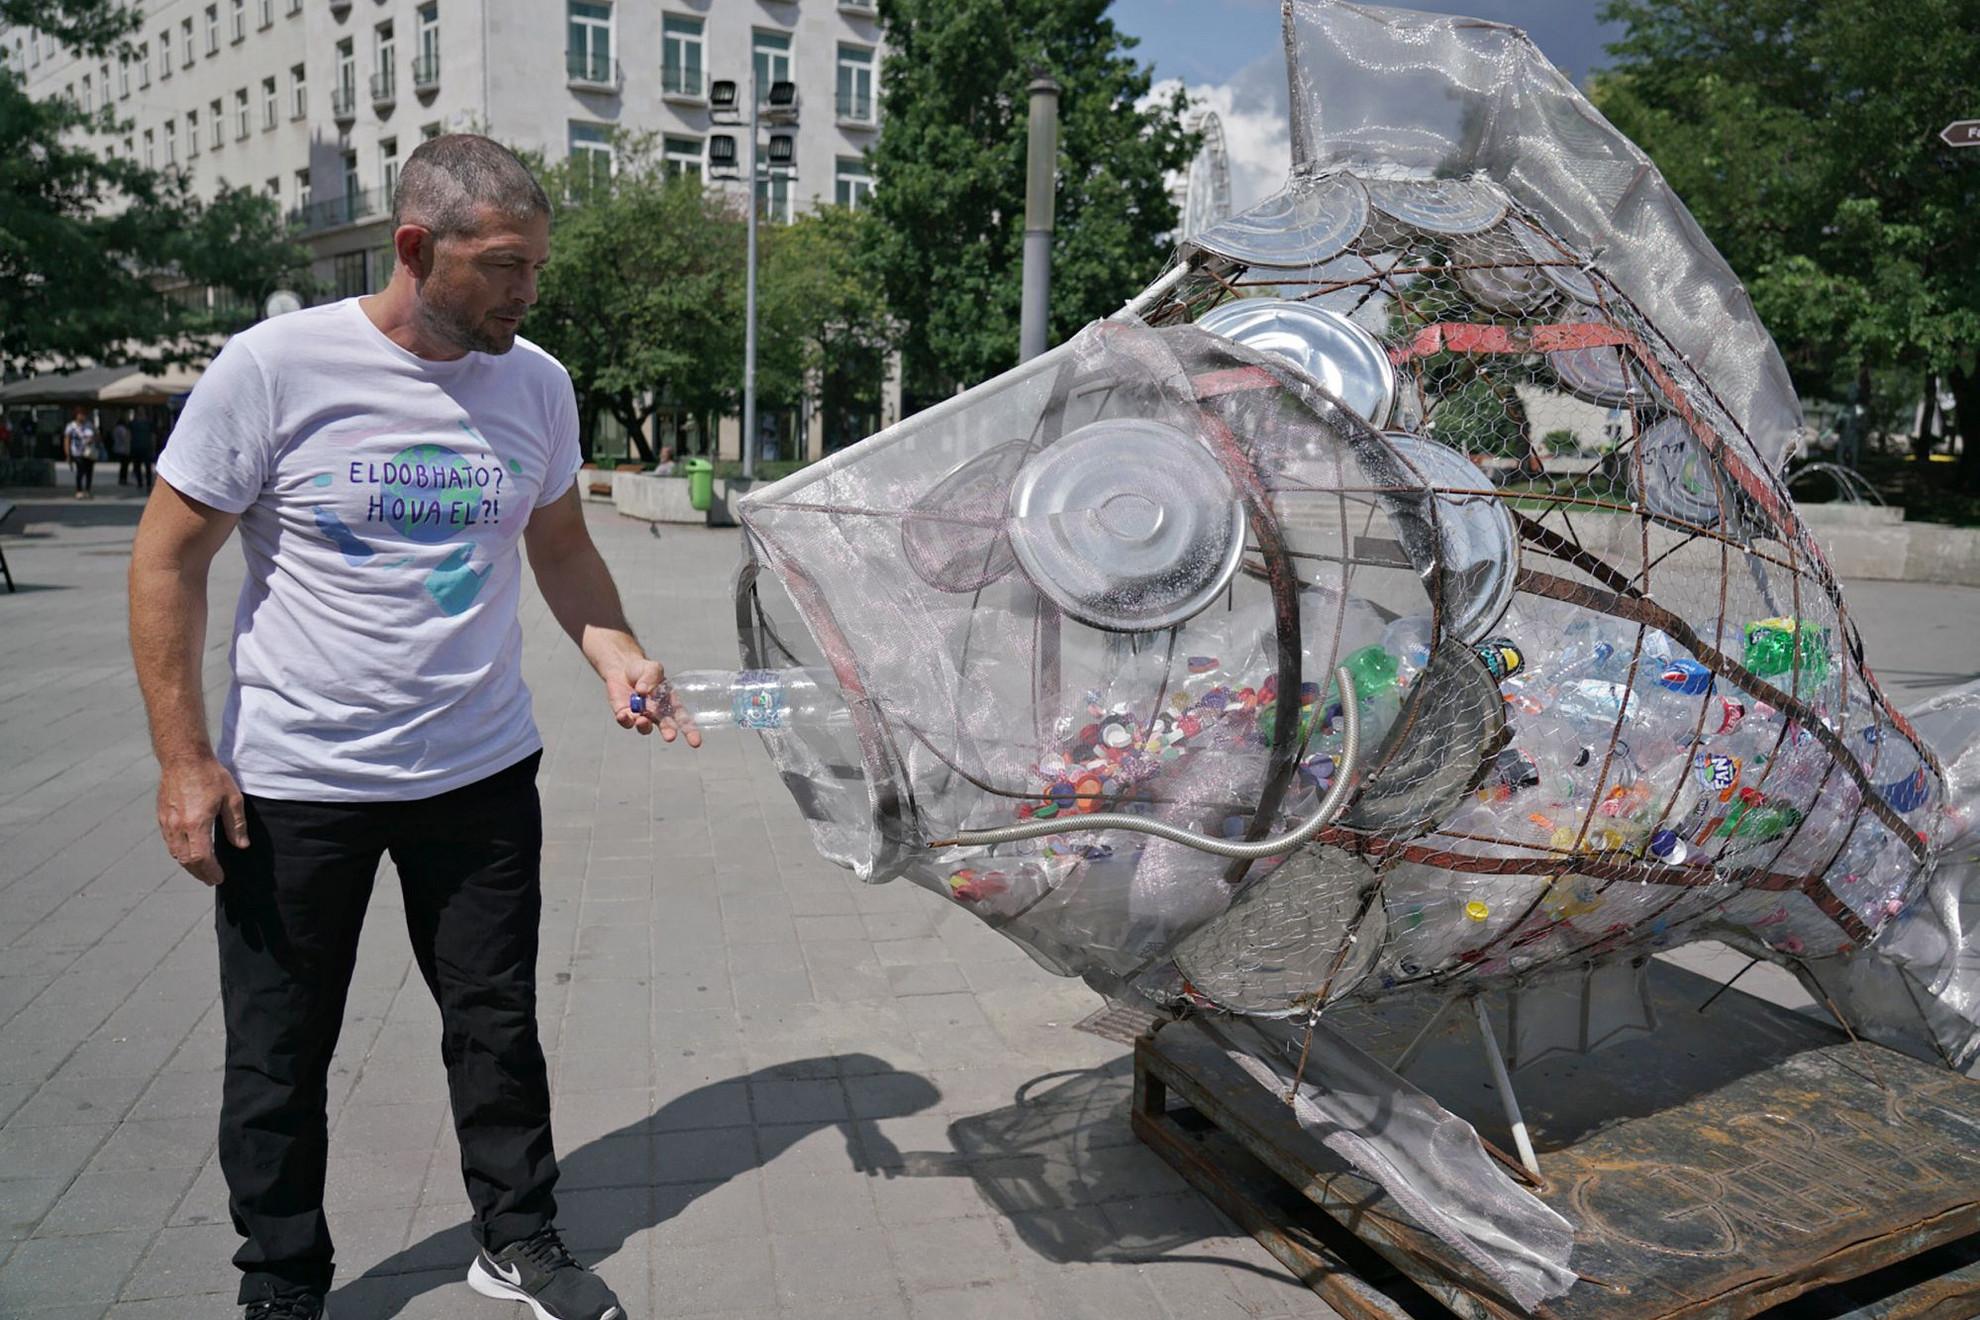 Sok helyen különféle akciókkal buzdítanak a szelektív hulladékgyűjtésre is